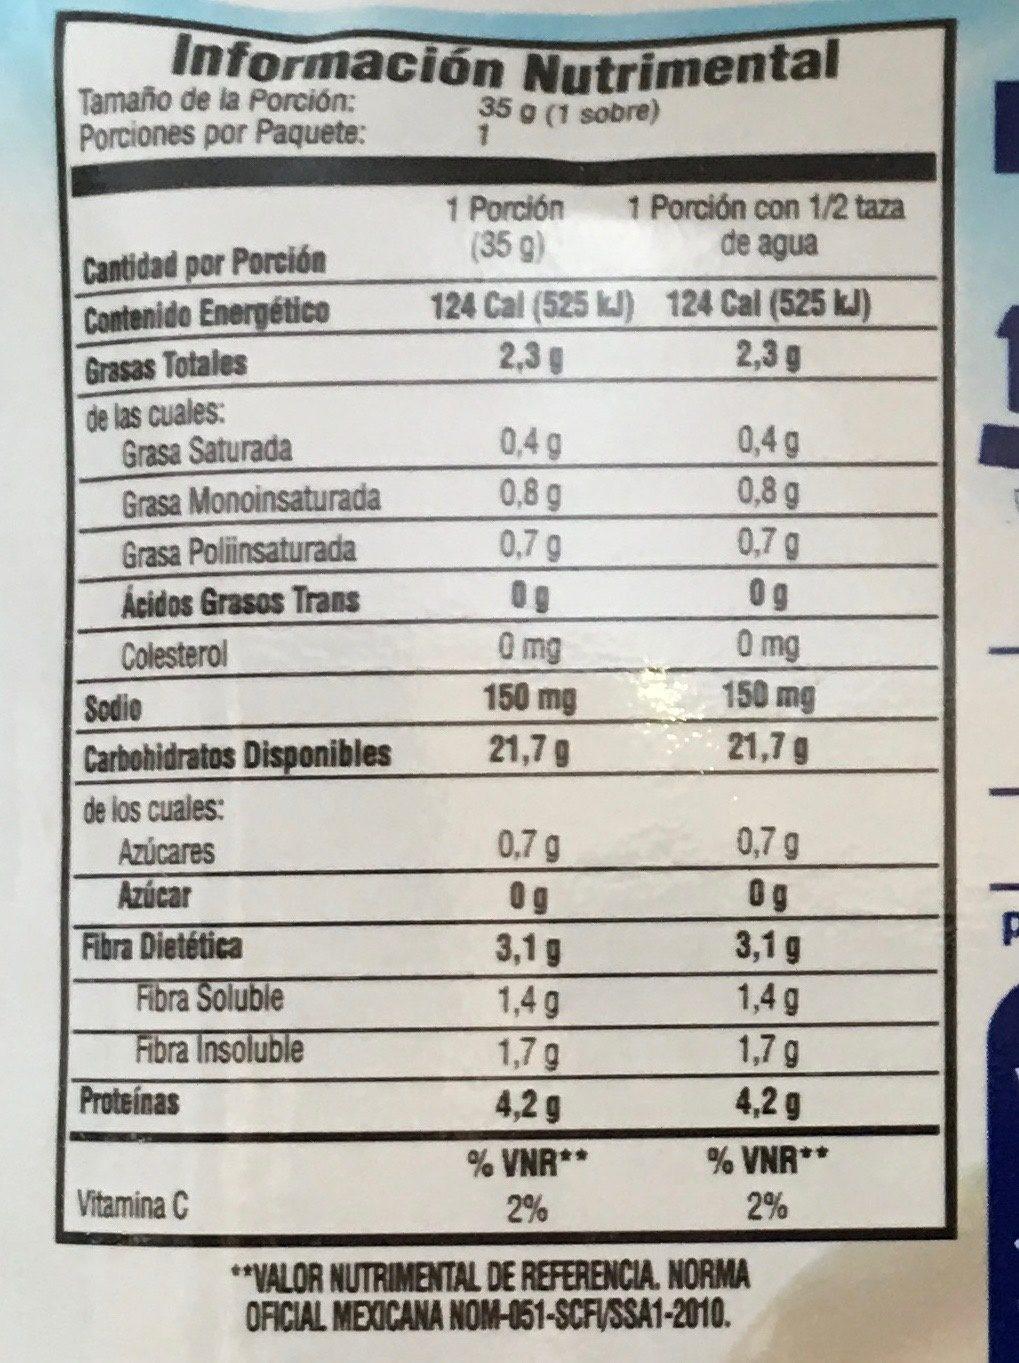 AVENA INSTANT MORAS Y YOGURT - Nutrition facts - es